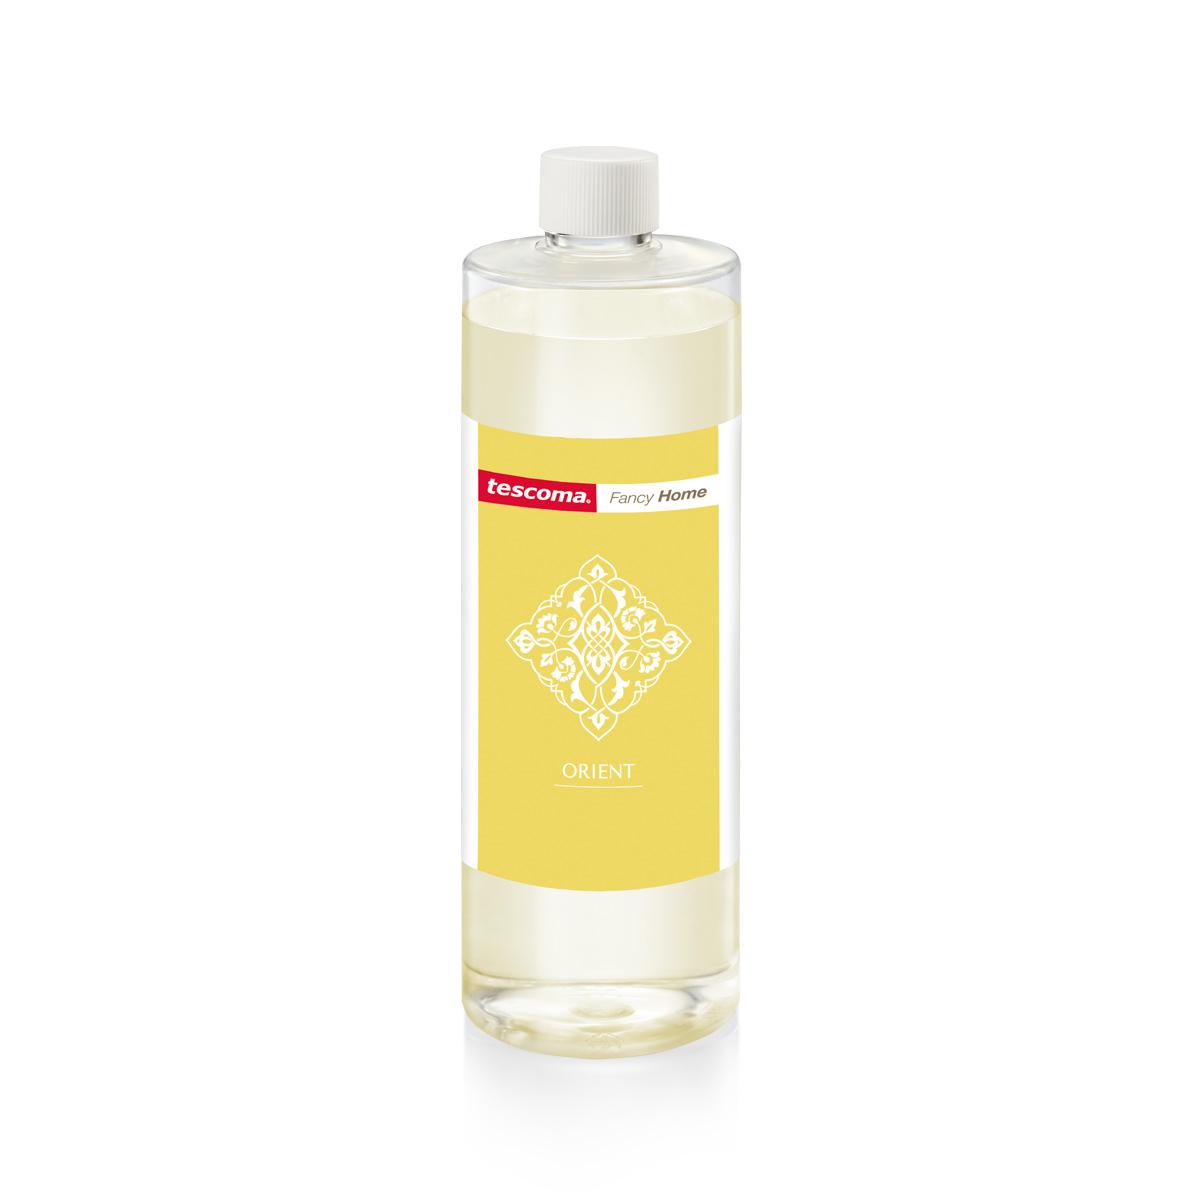 Náplň pro difuzér FANCY HOME 500 ml, Orient